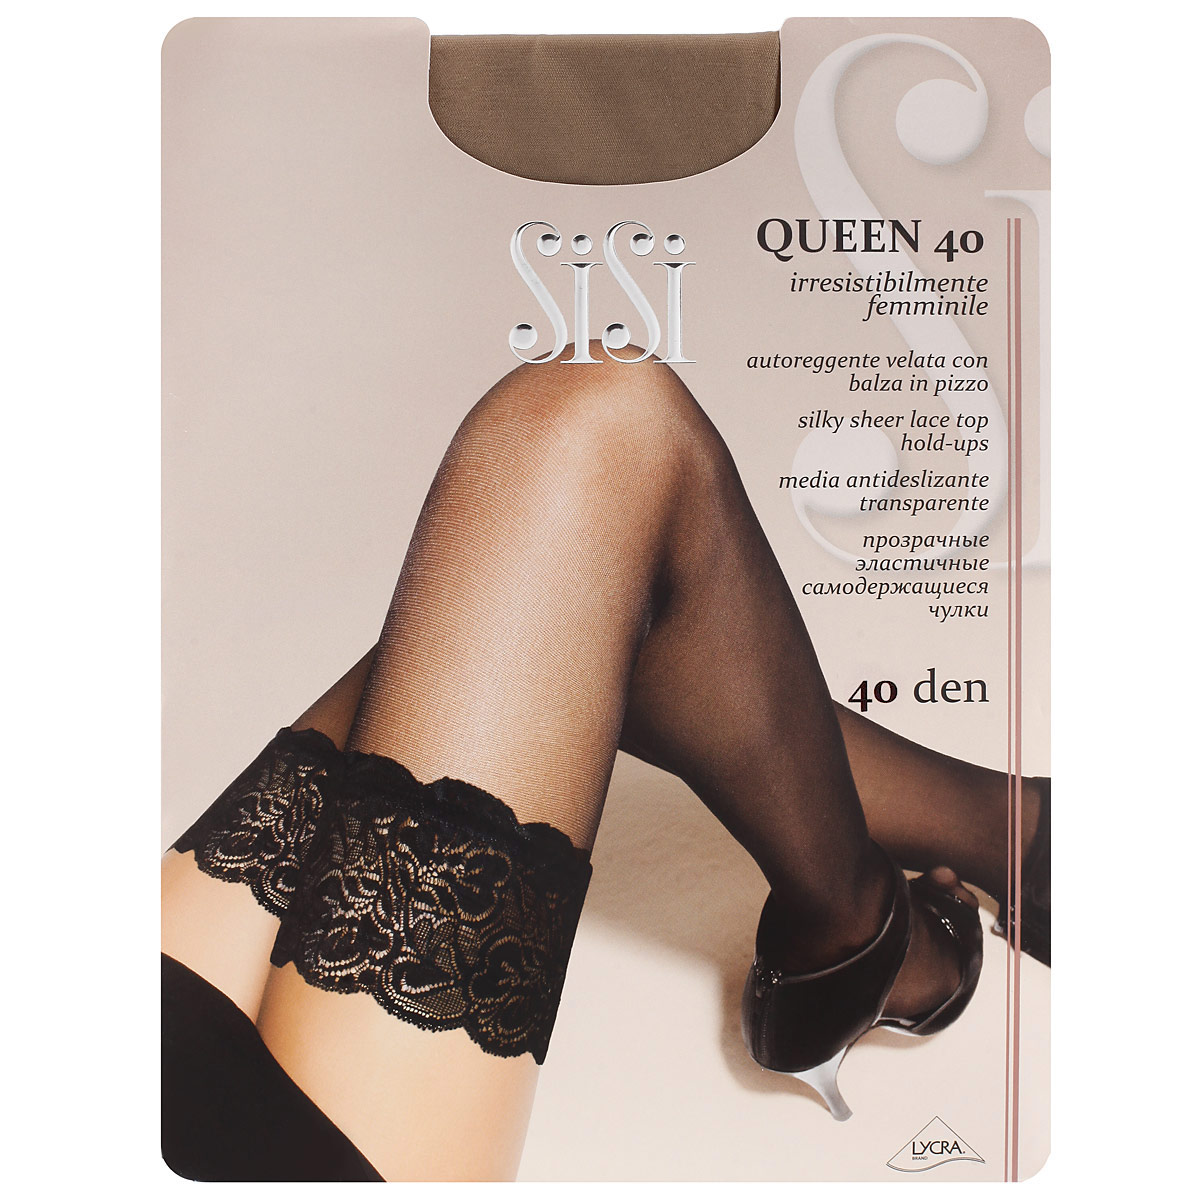 Чулки женские Sisi Queen 40, цвет: телесный. SNL-019805. Размер 4 чулки seven til midnight большого размера с кружевной резинкой xl телесный